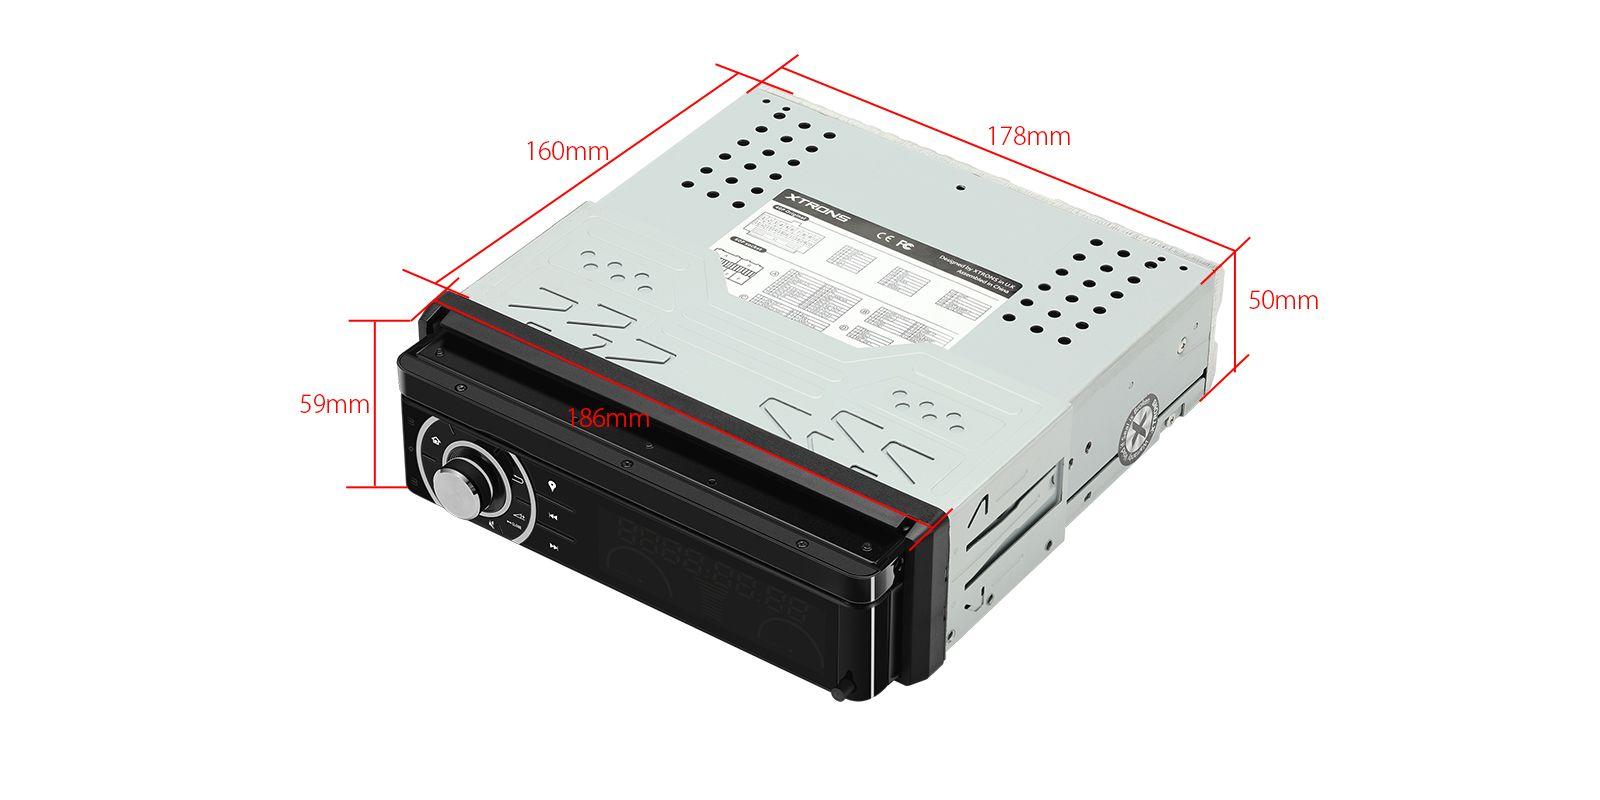 Навигация универсален единичен дин DIB701 GPS, ANDROID 10, WiFi, 7